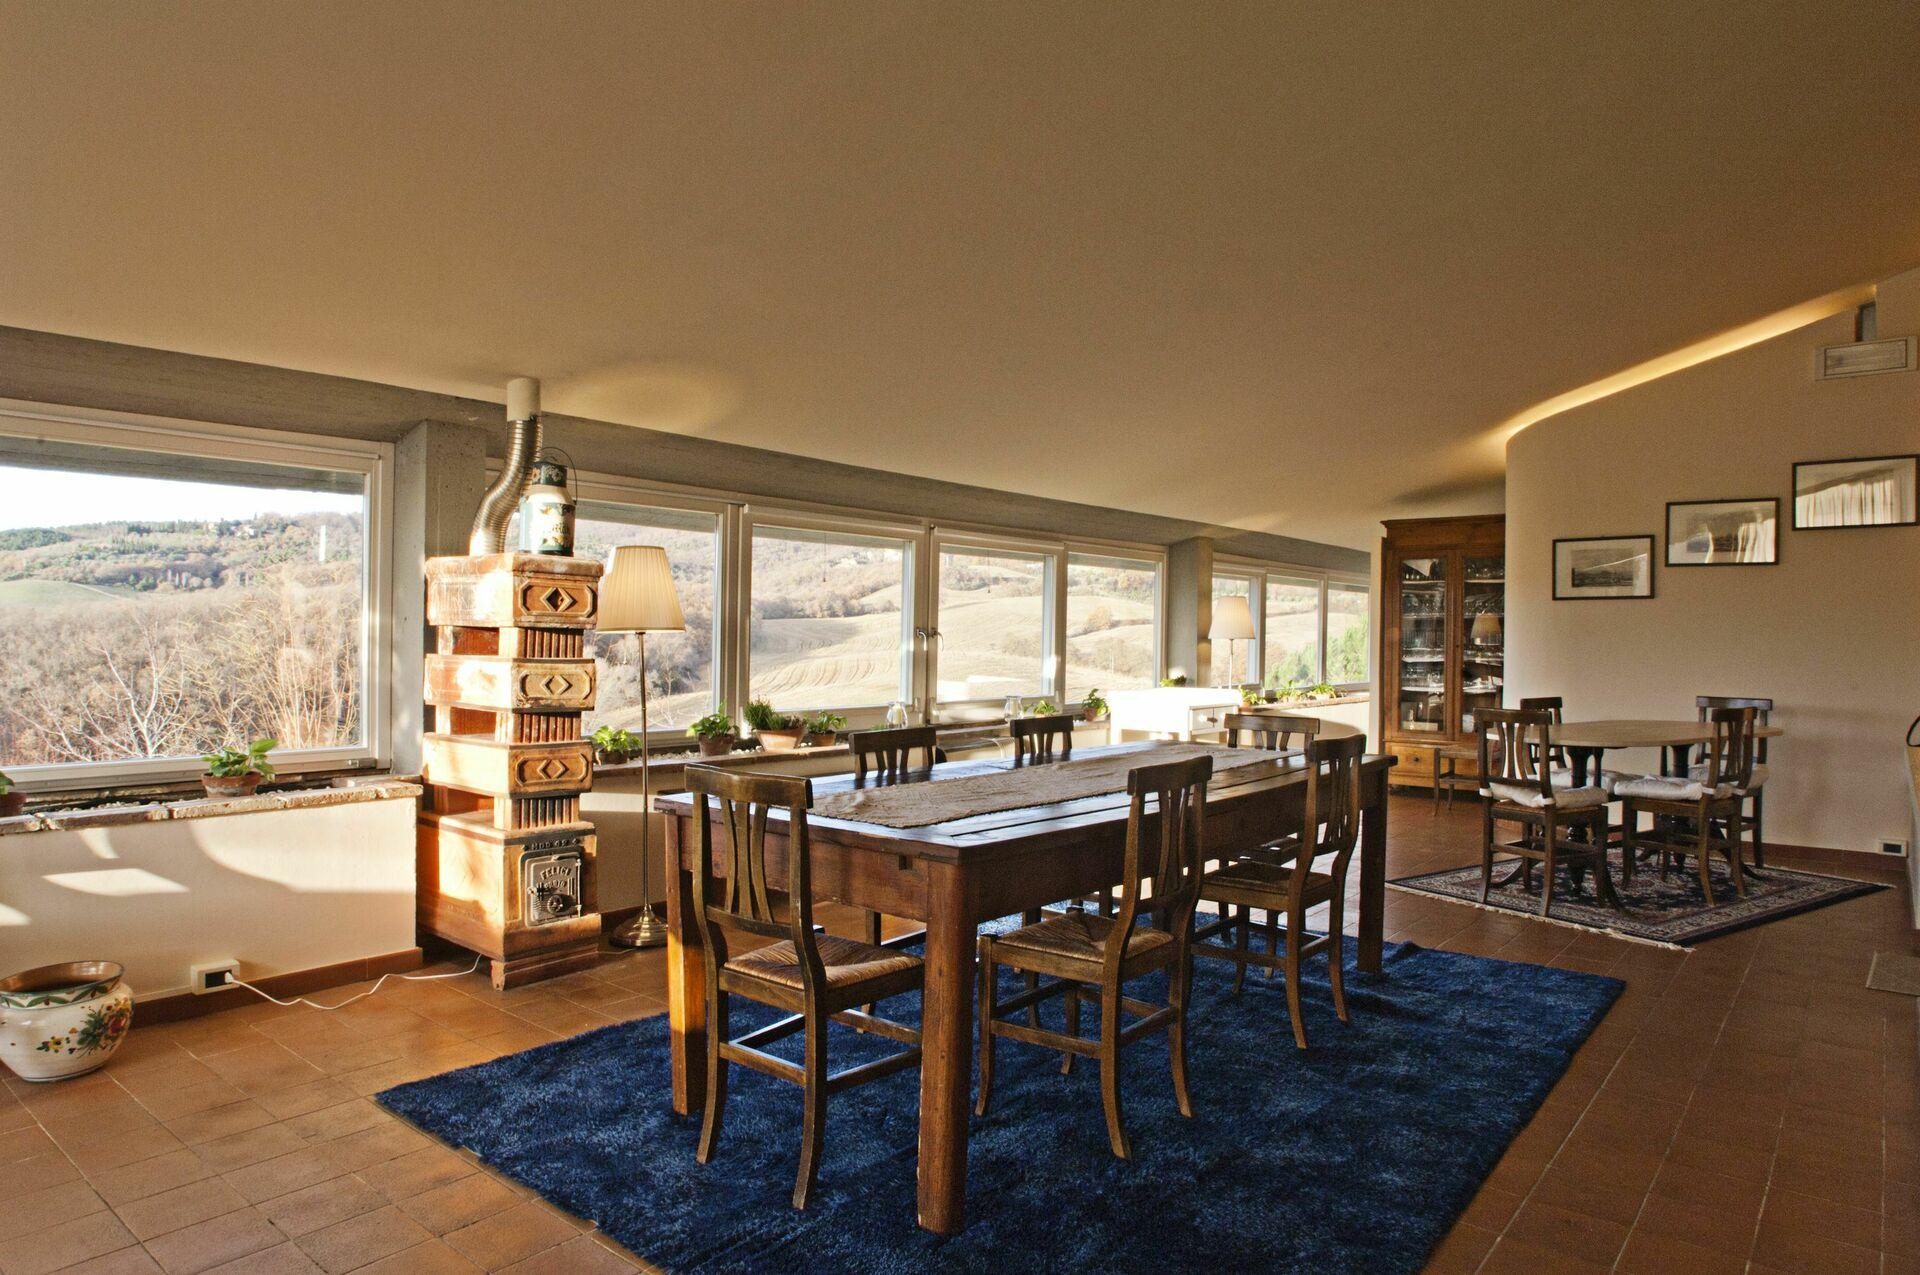 La vittoria 10 appartamento vacanza a chianciano terme for Piani casa 6 camere da letto